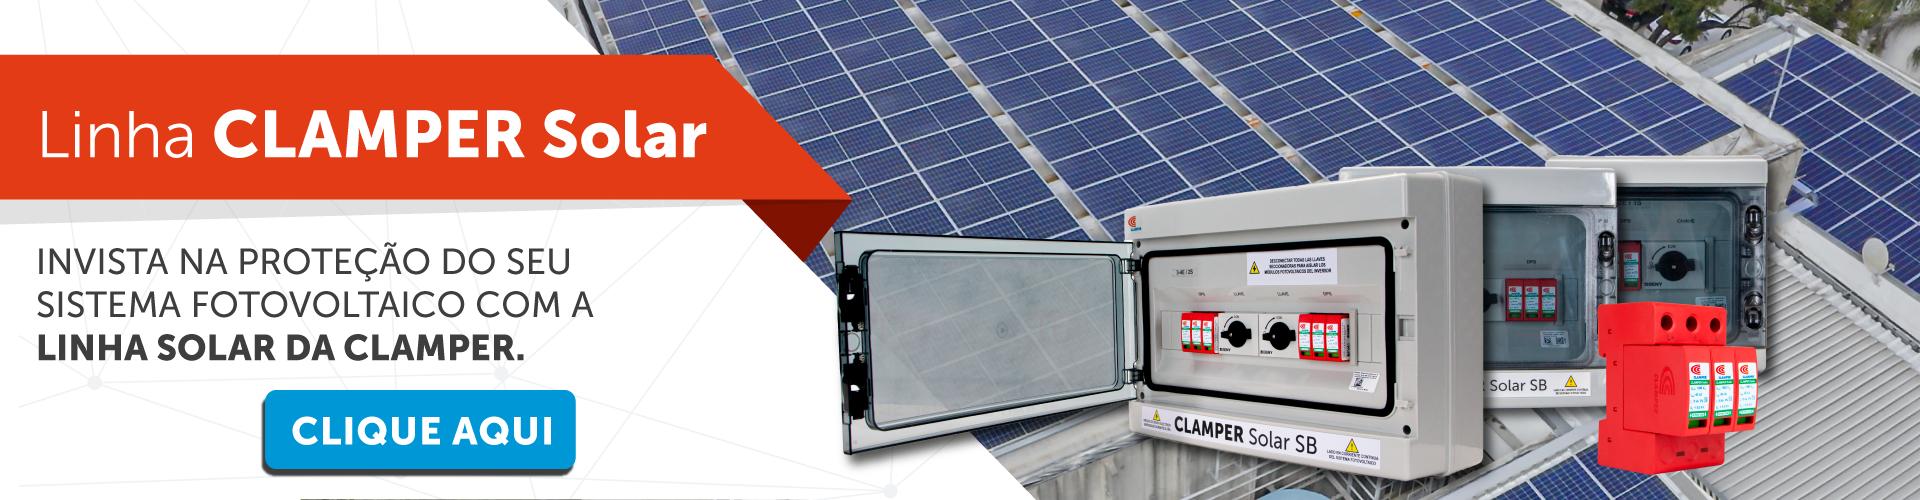 Clamper Solar